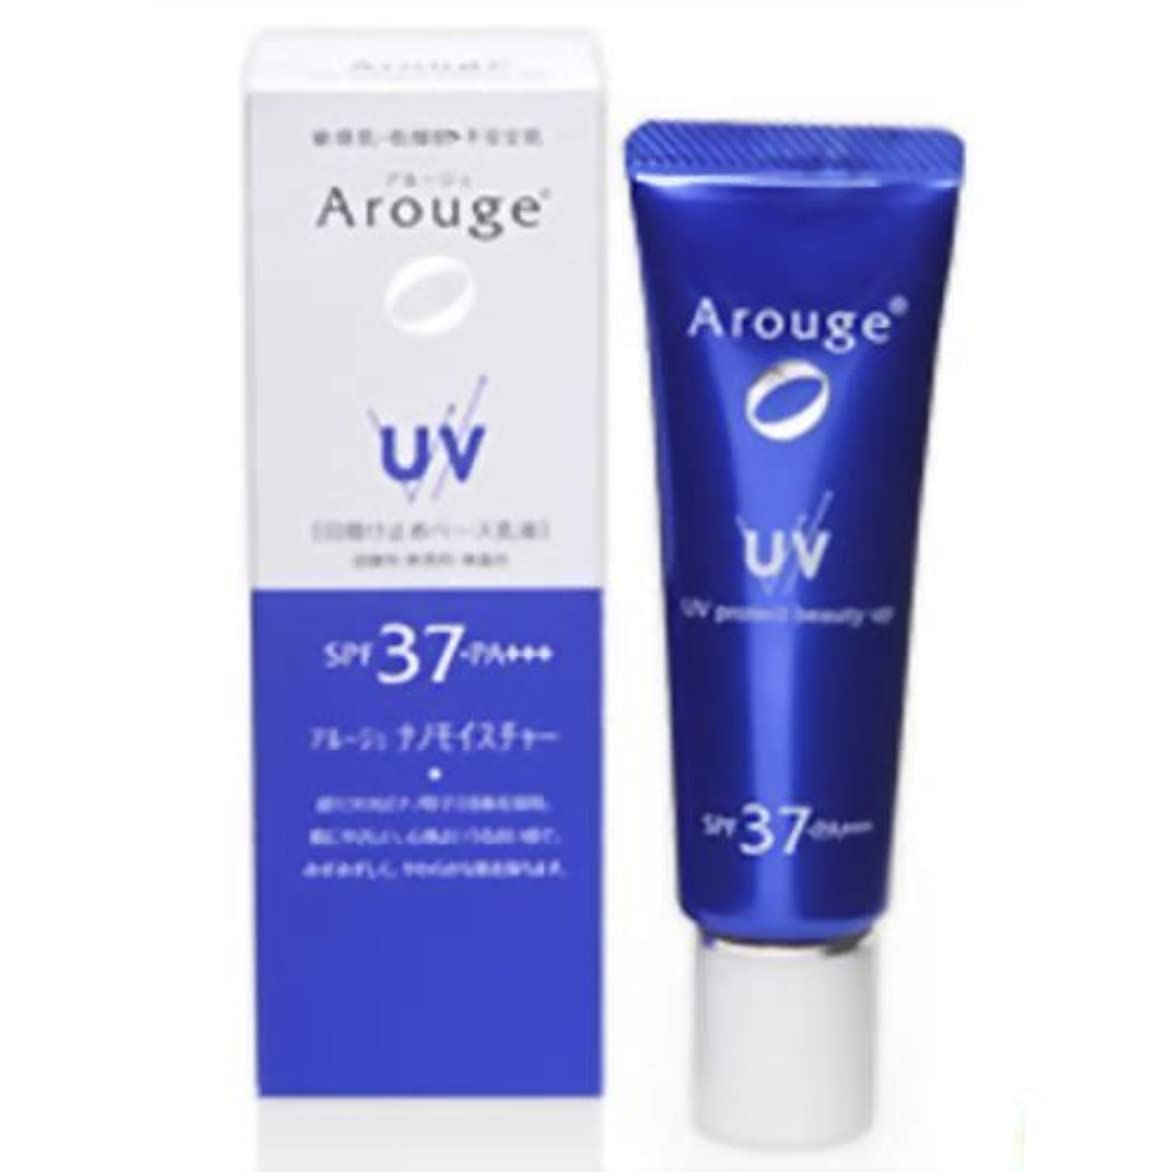 絞るキモい救いアルージェ UVプロテクトビューティーアップ 25g